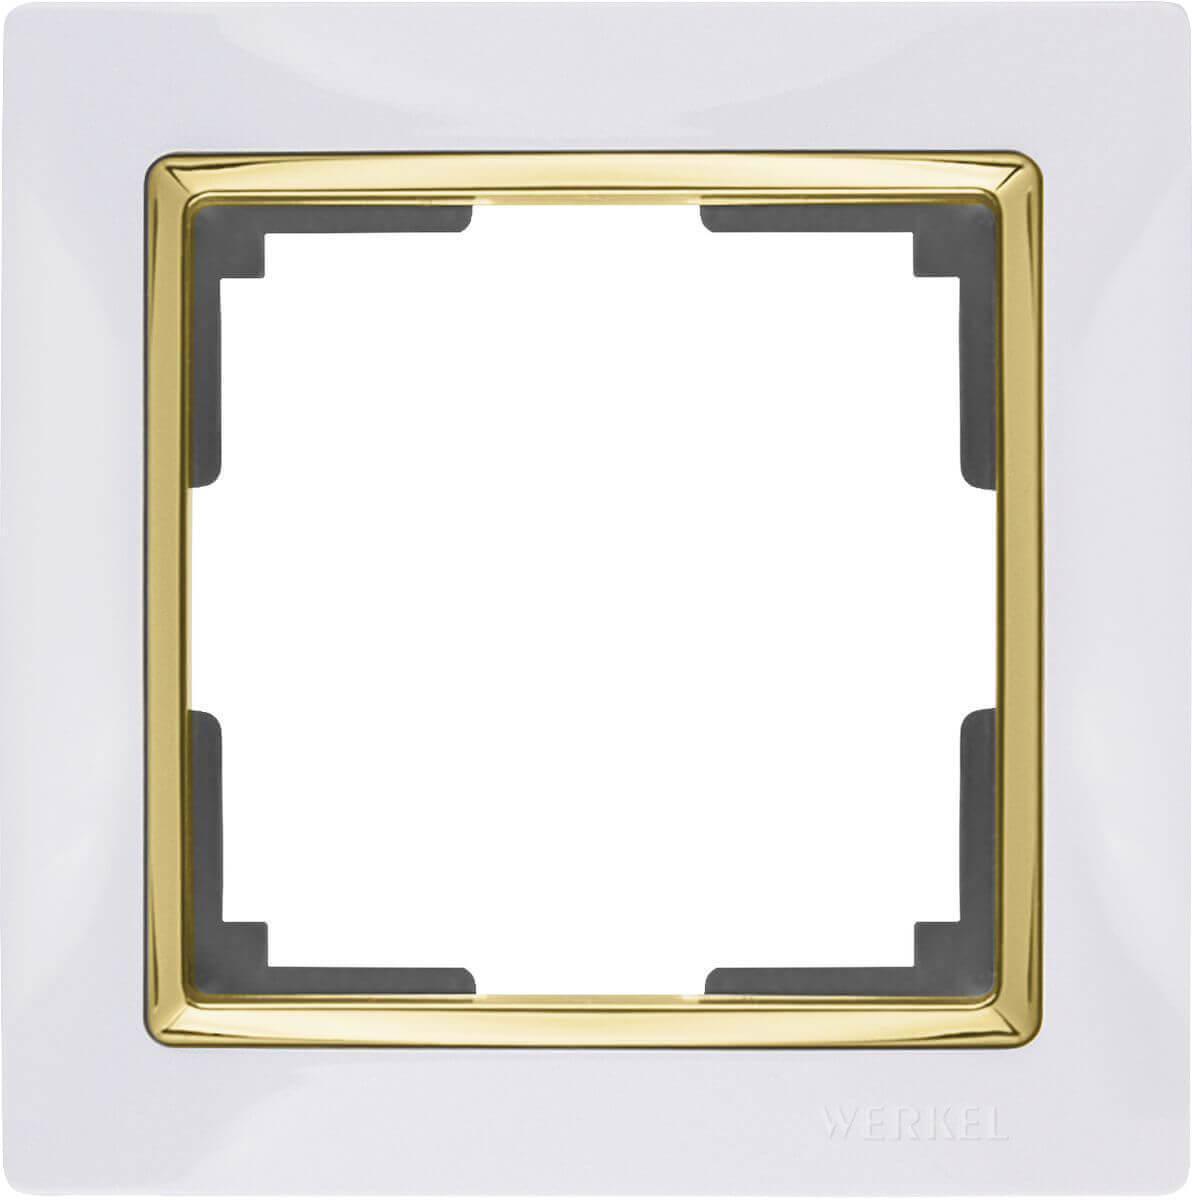 Рамка Werkel Snabb на 1 пост белый/золото WL03-Frame-01-white/GD 4690389083877